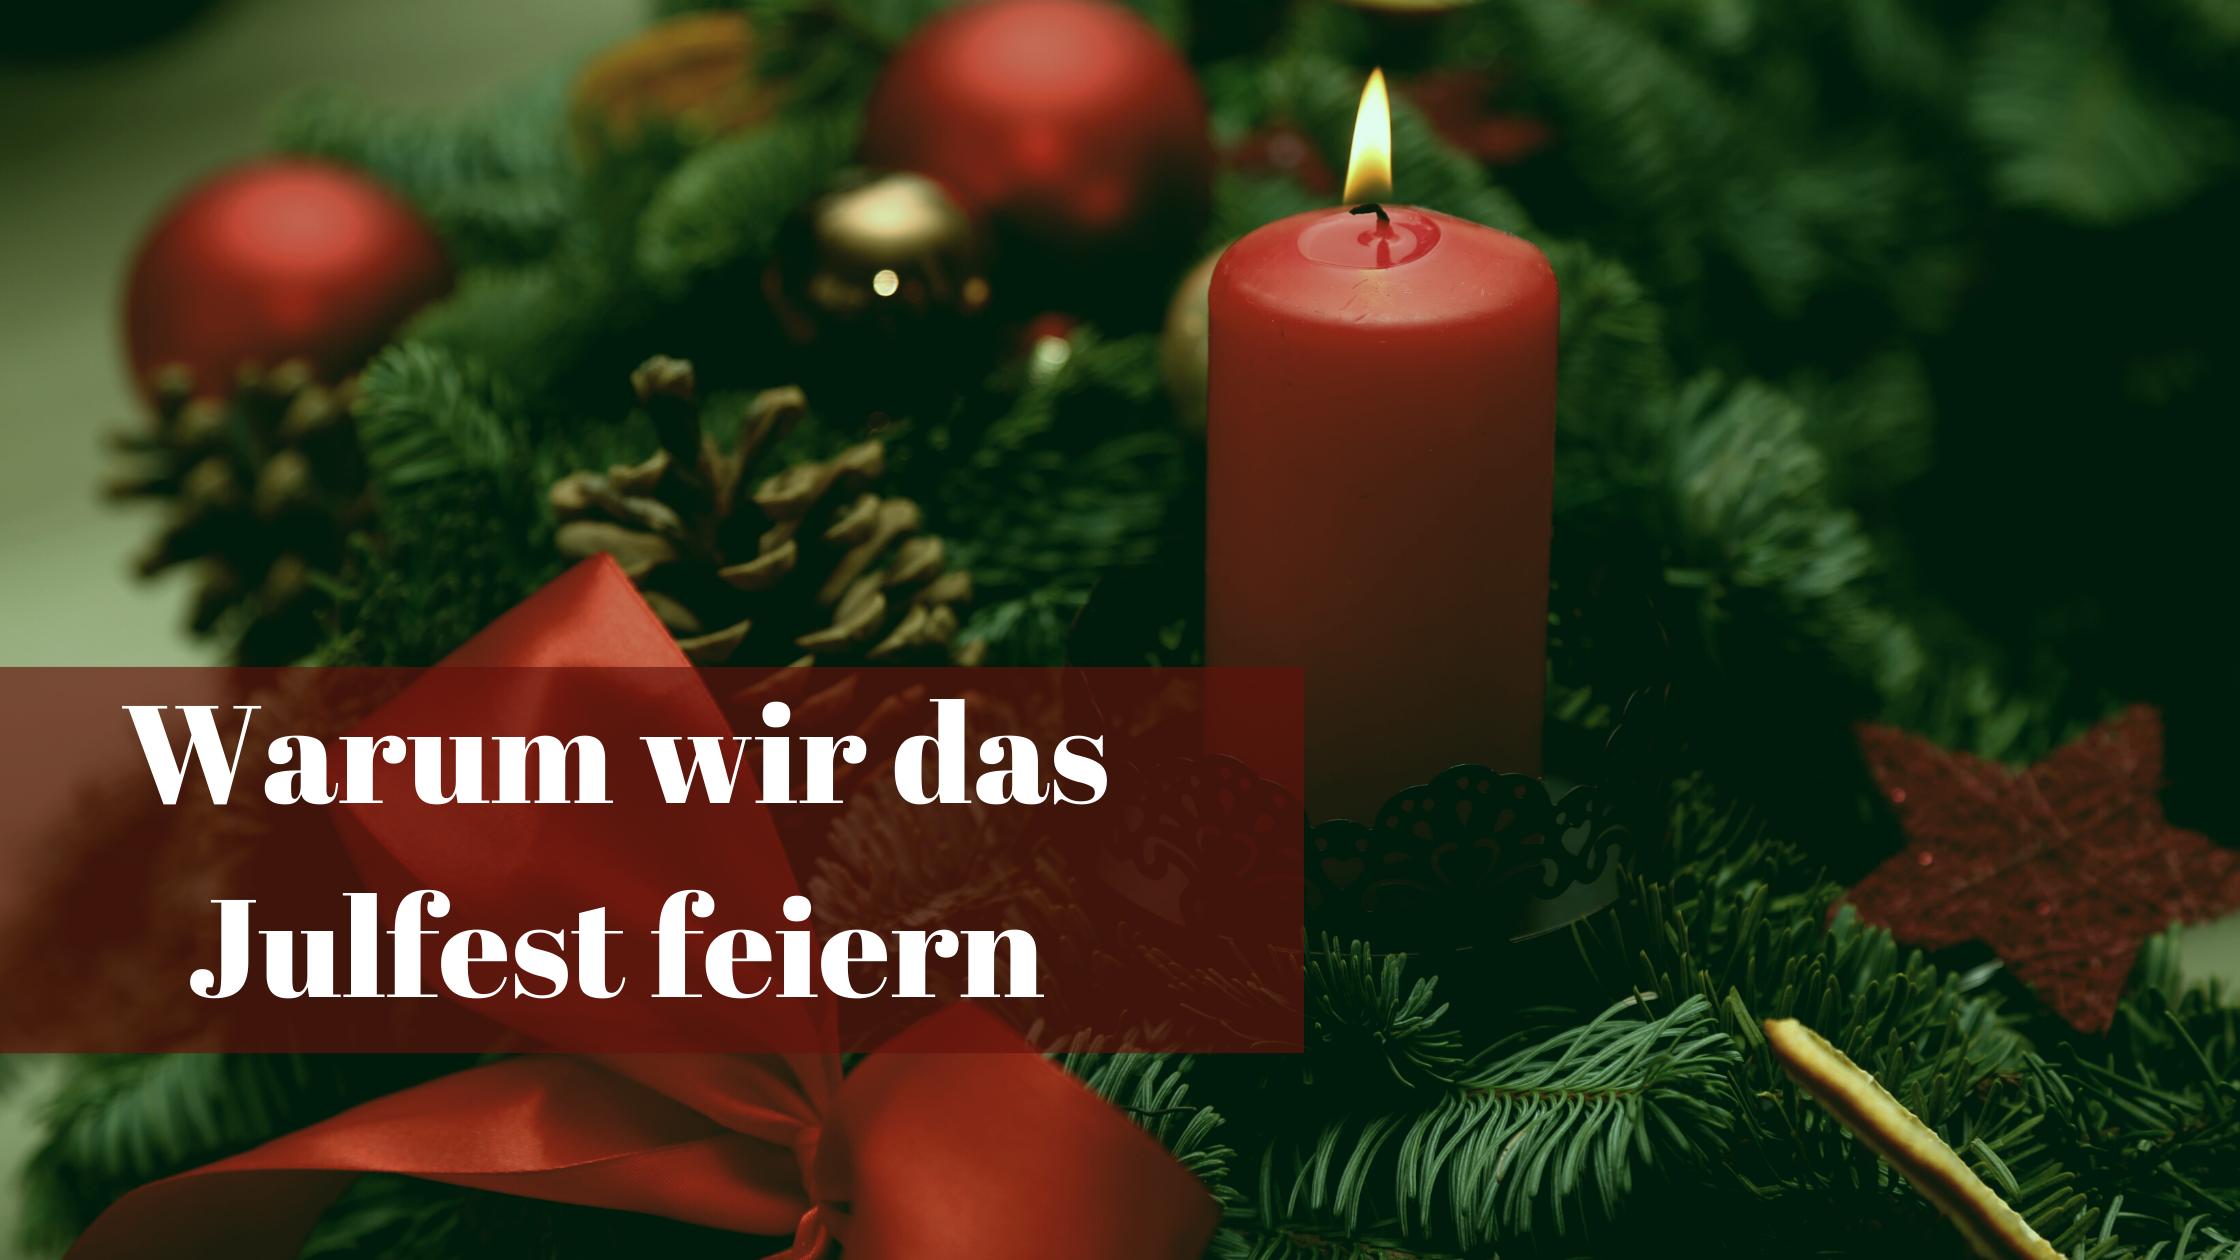 Warum wir das Julfest feiern